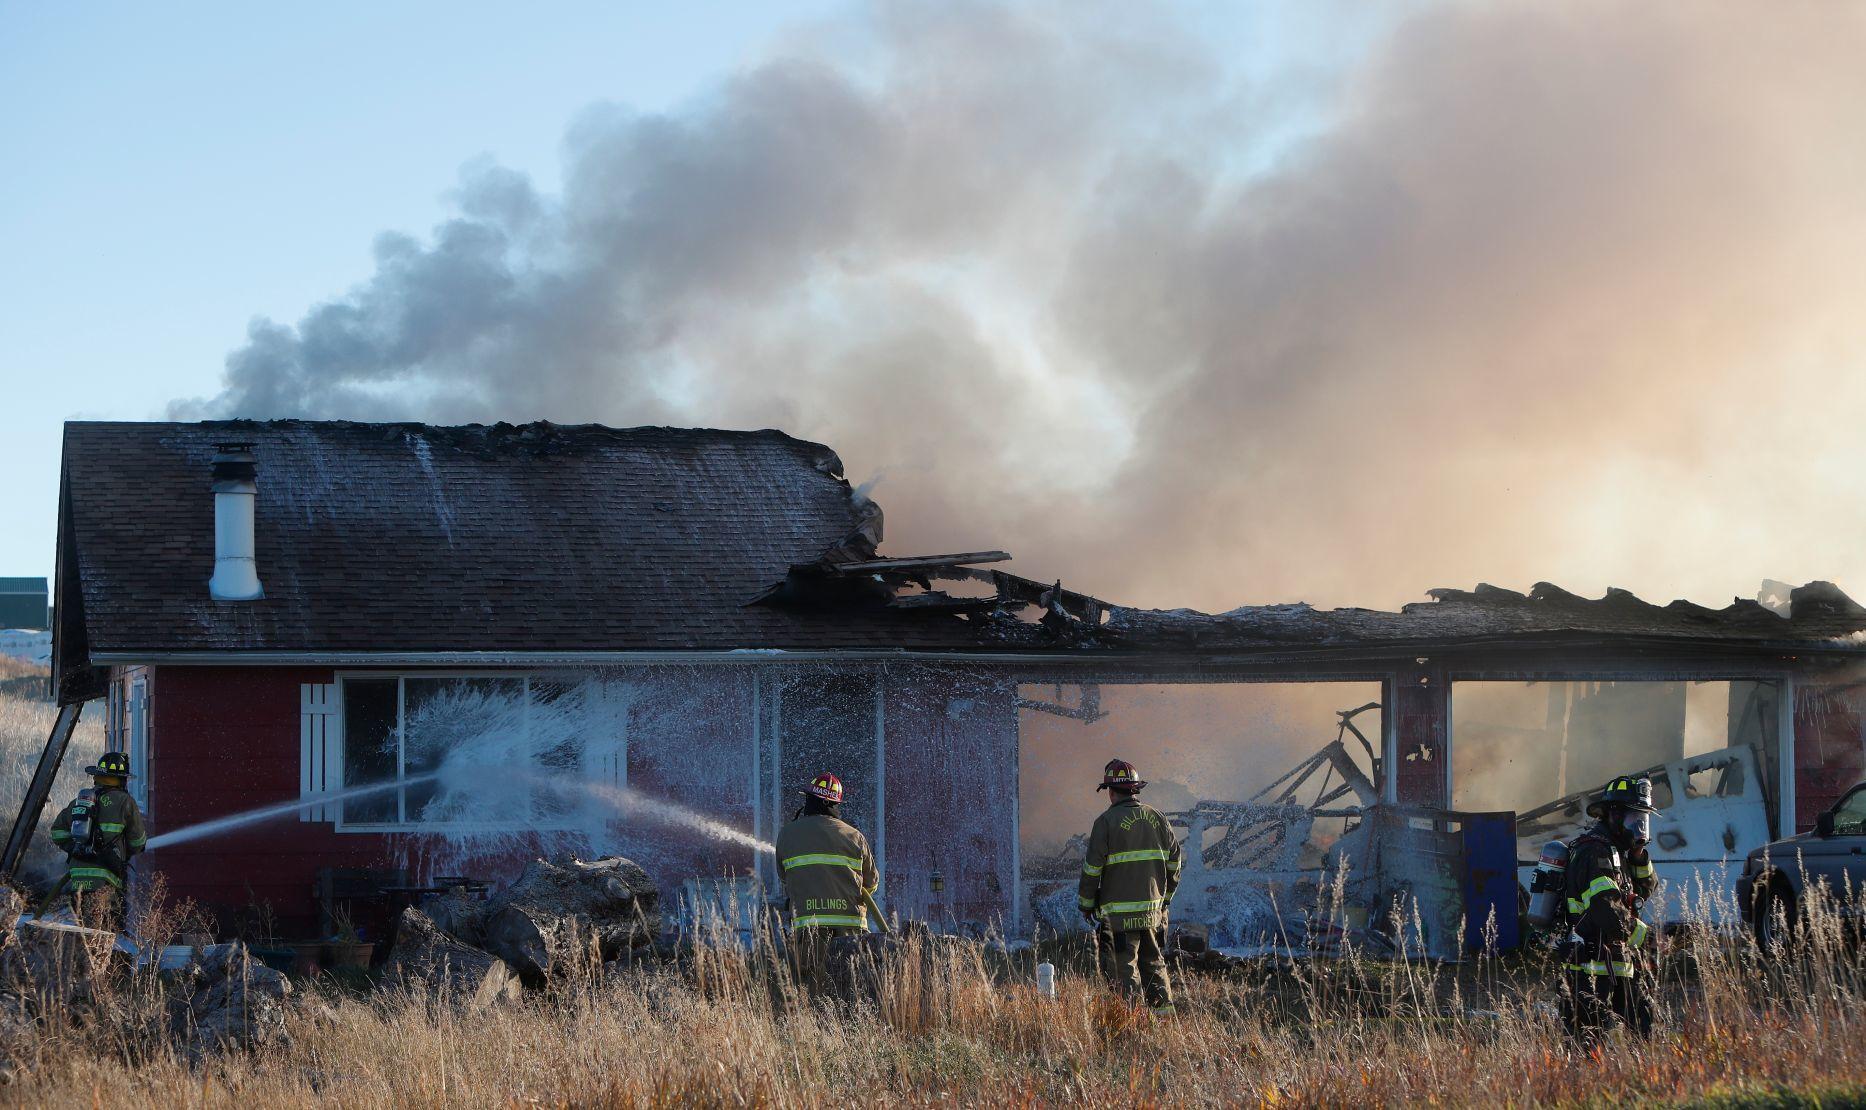 Home burns down on Billings' far West End | Billings Gazette